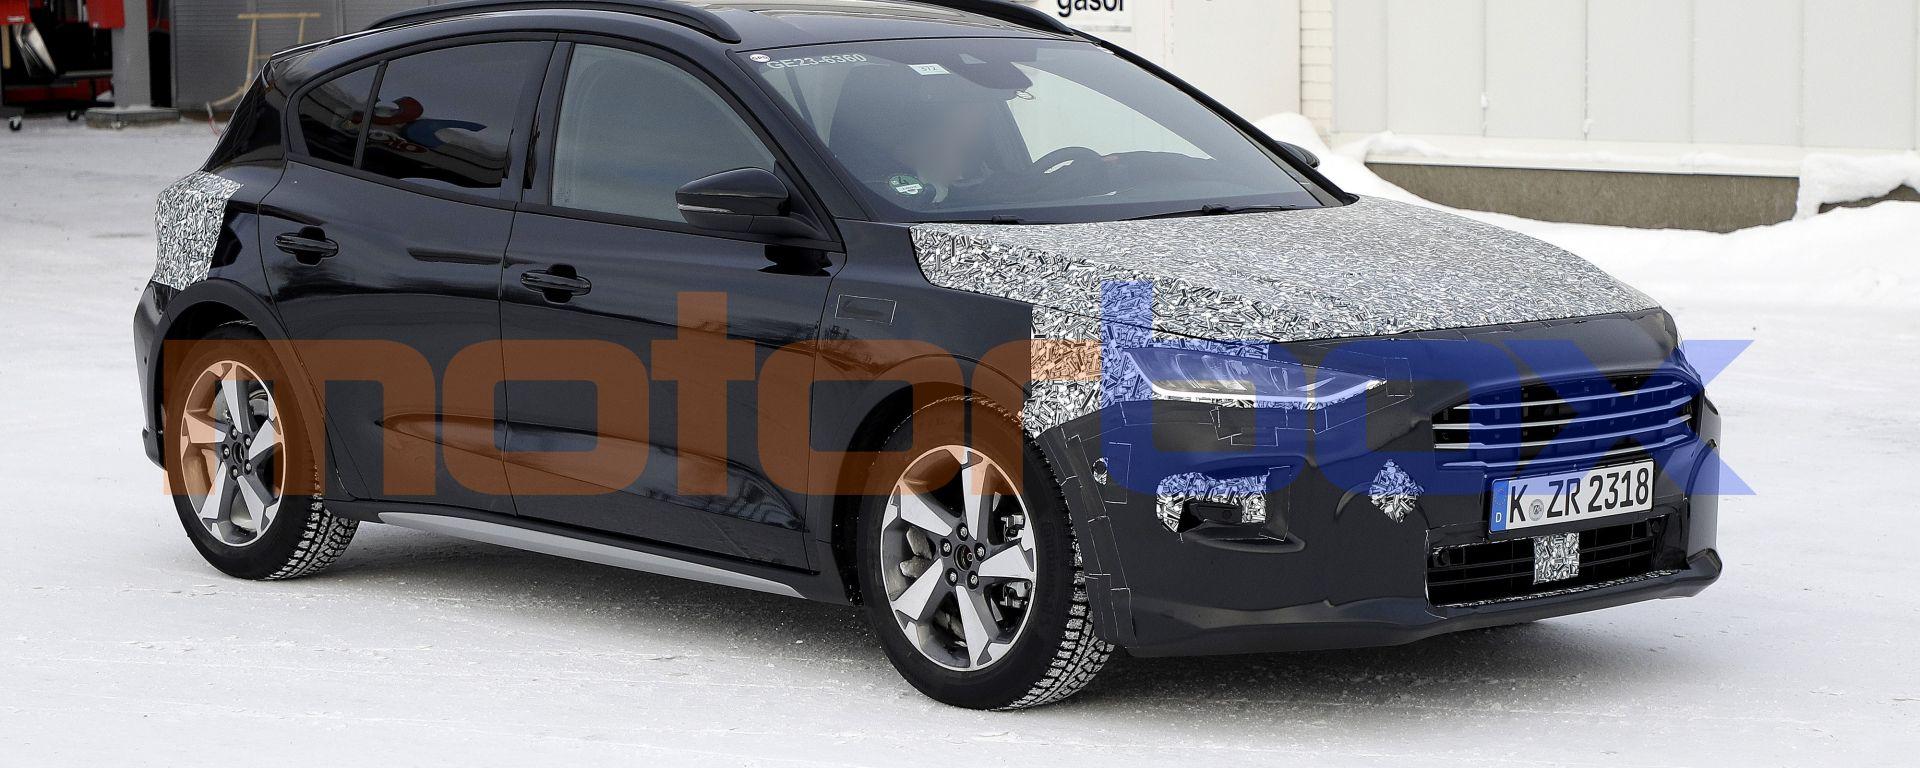 Ford Focus facelift, le nostre foto spia